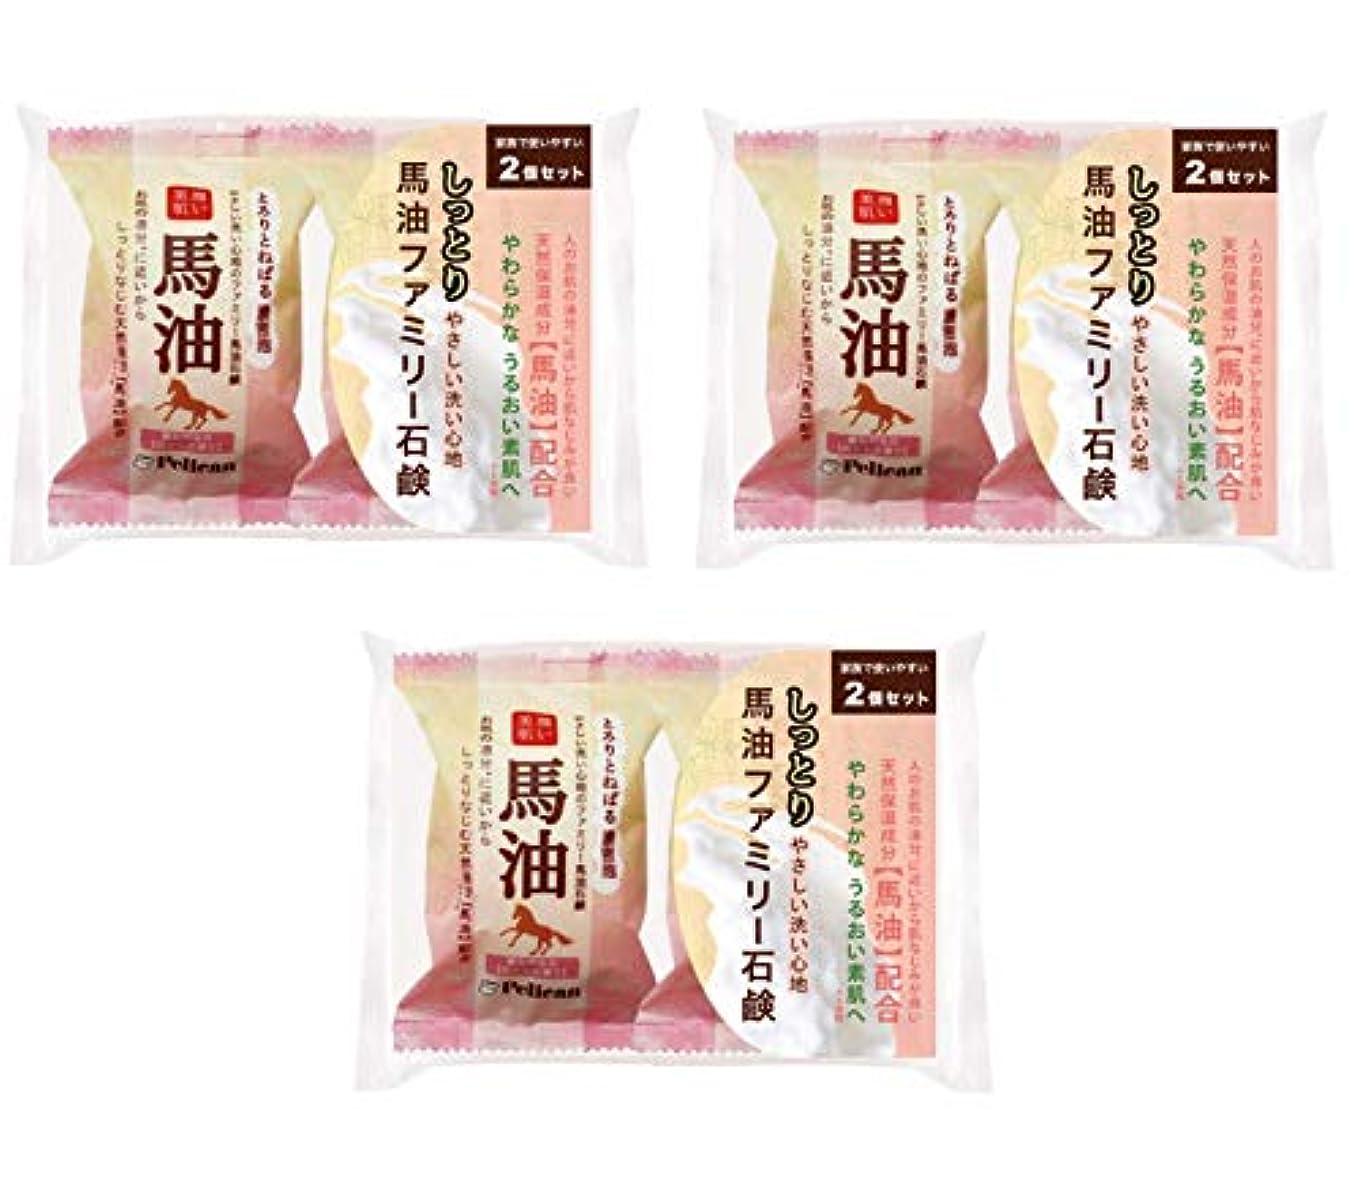 社員銛チャペル【まとめ買い】ペリカン石鹸 ファミリー 馬油石鹸 2P ×3個セット